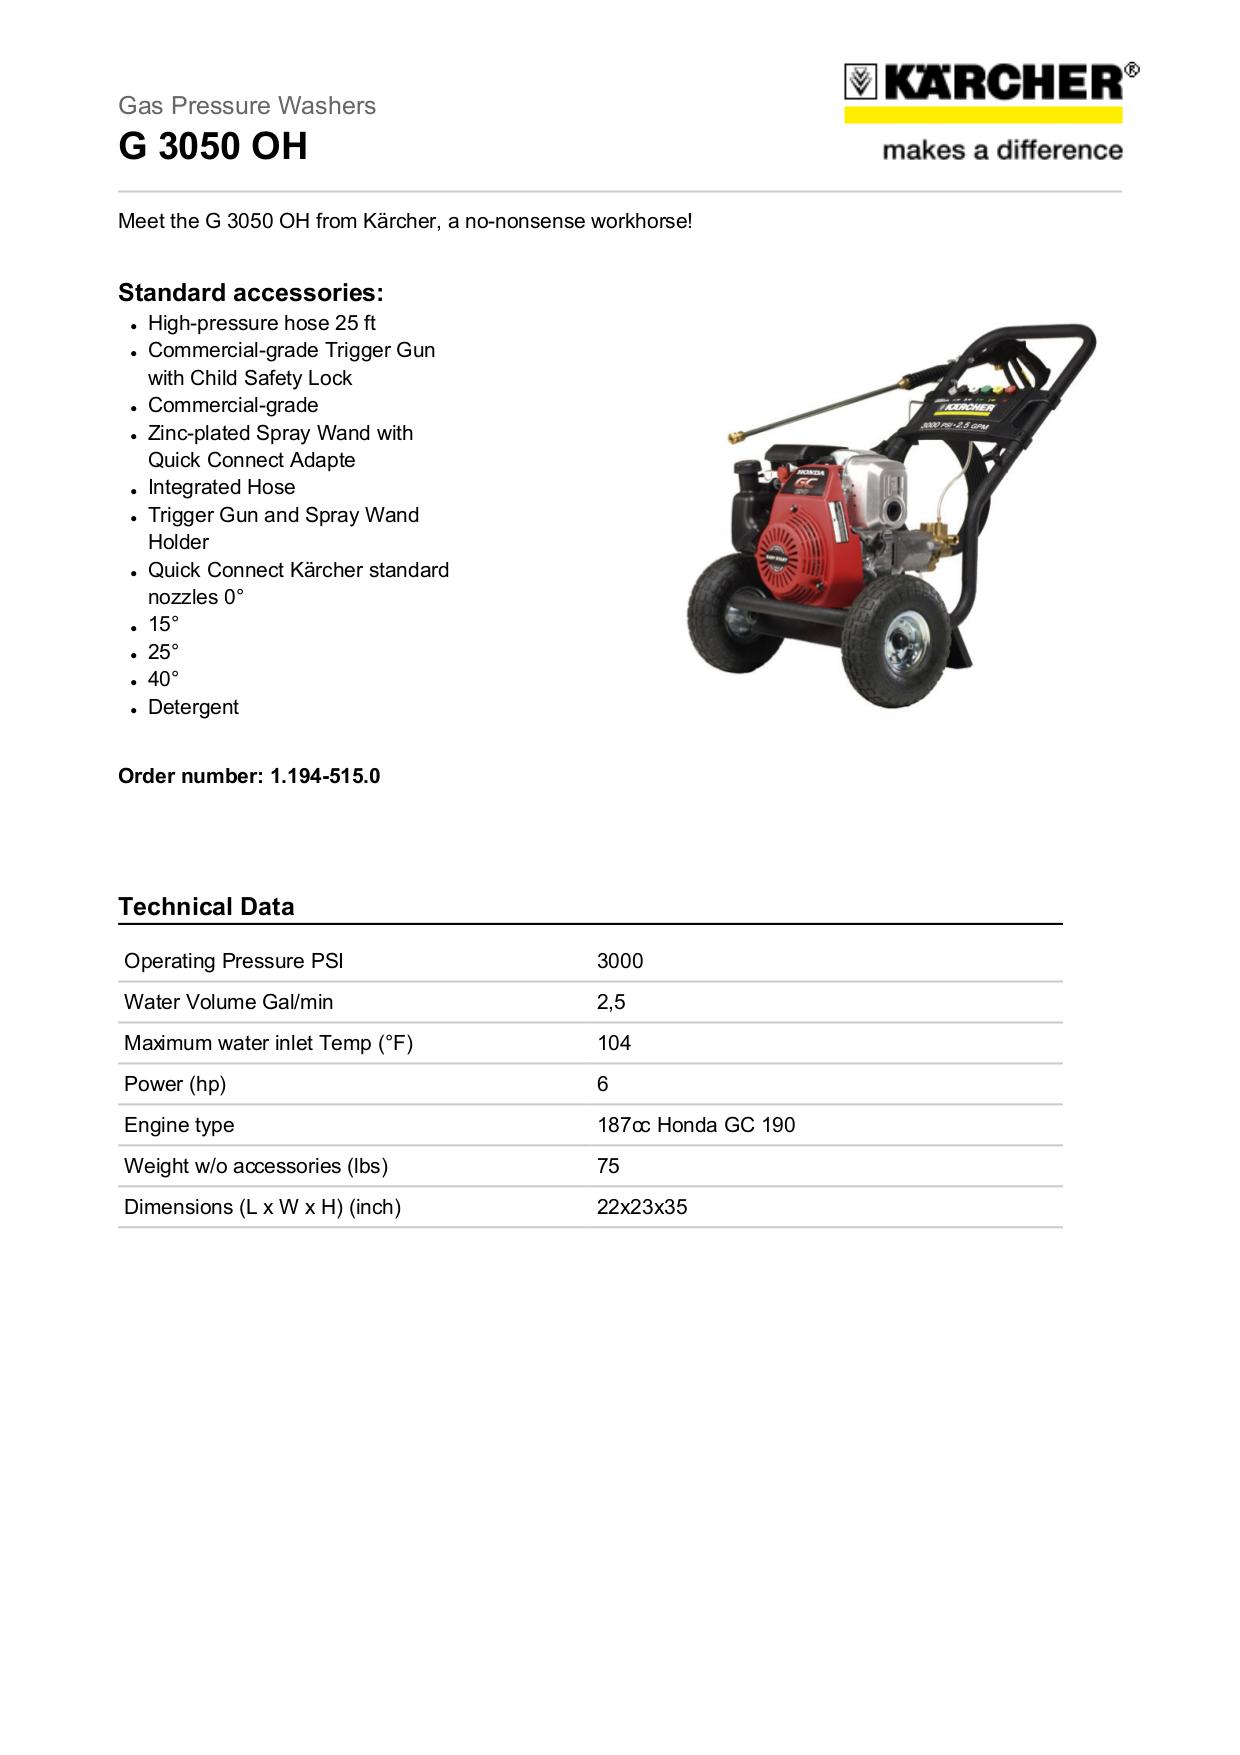 pdf for Karcher Other K 3000 G Pressure Washers manual